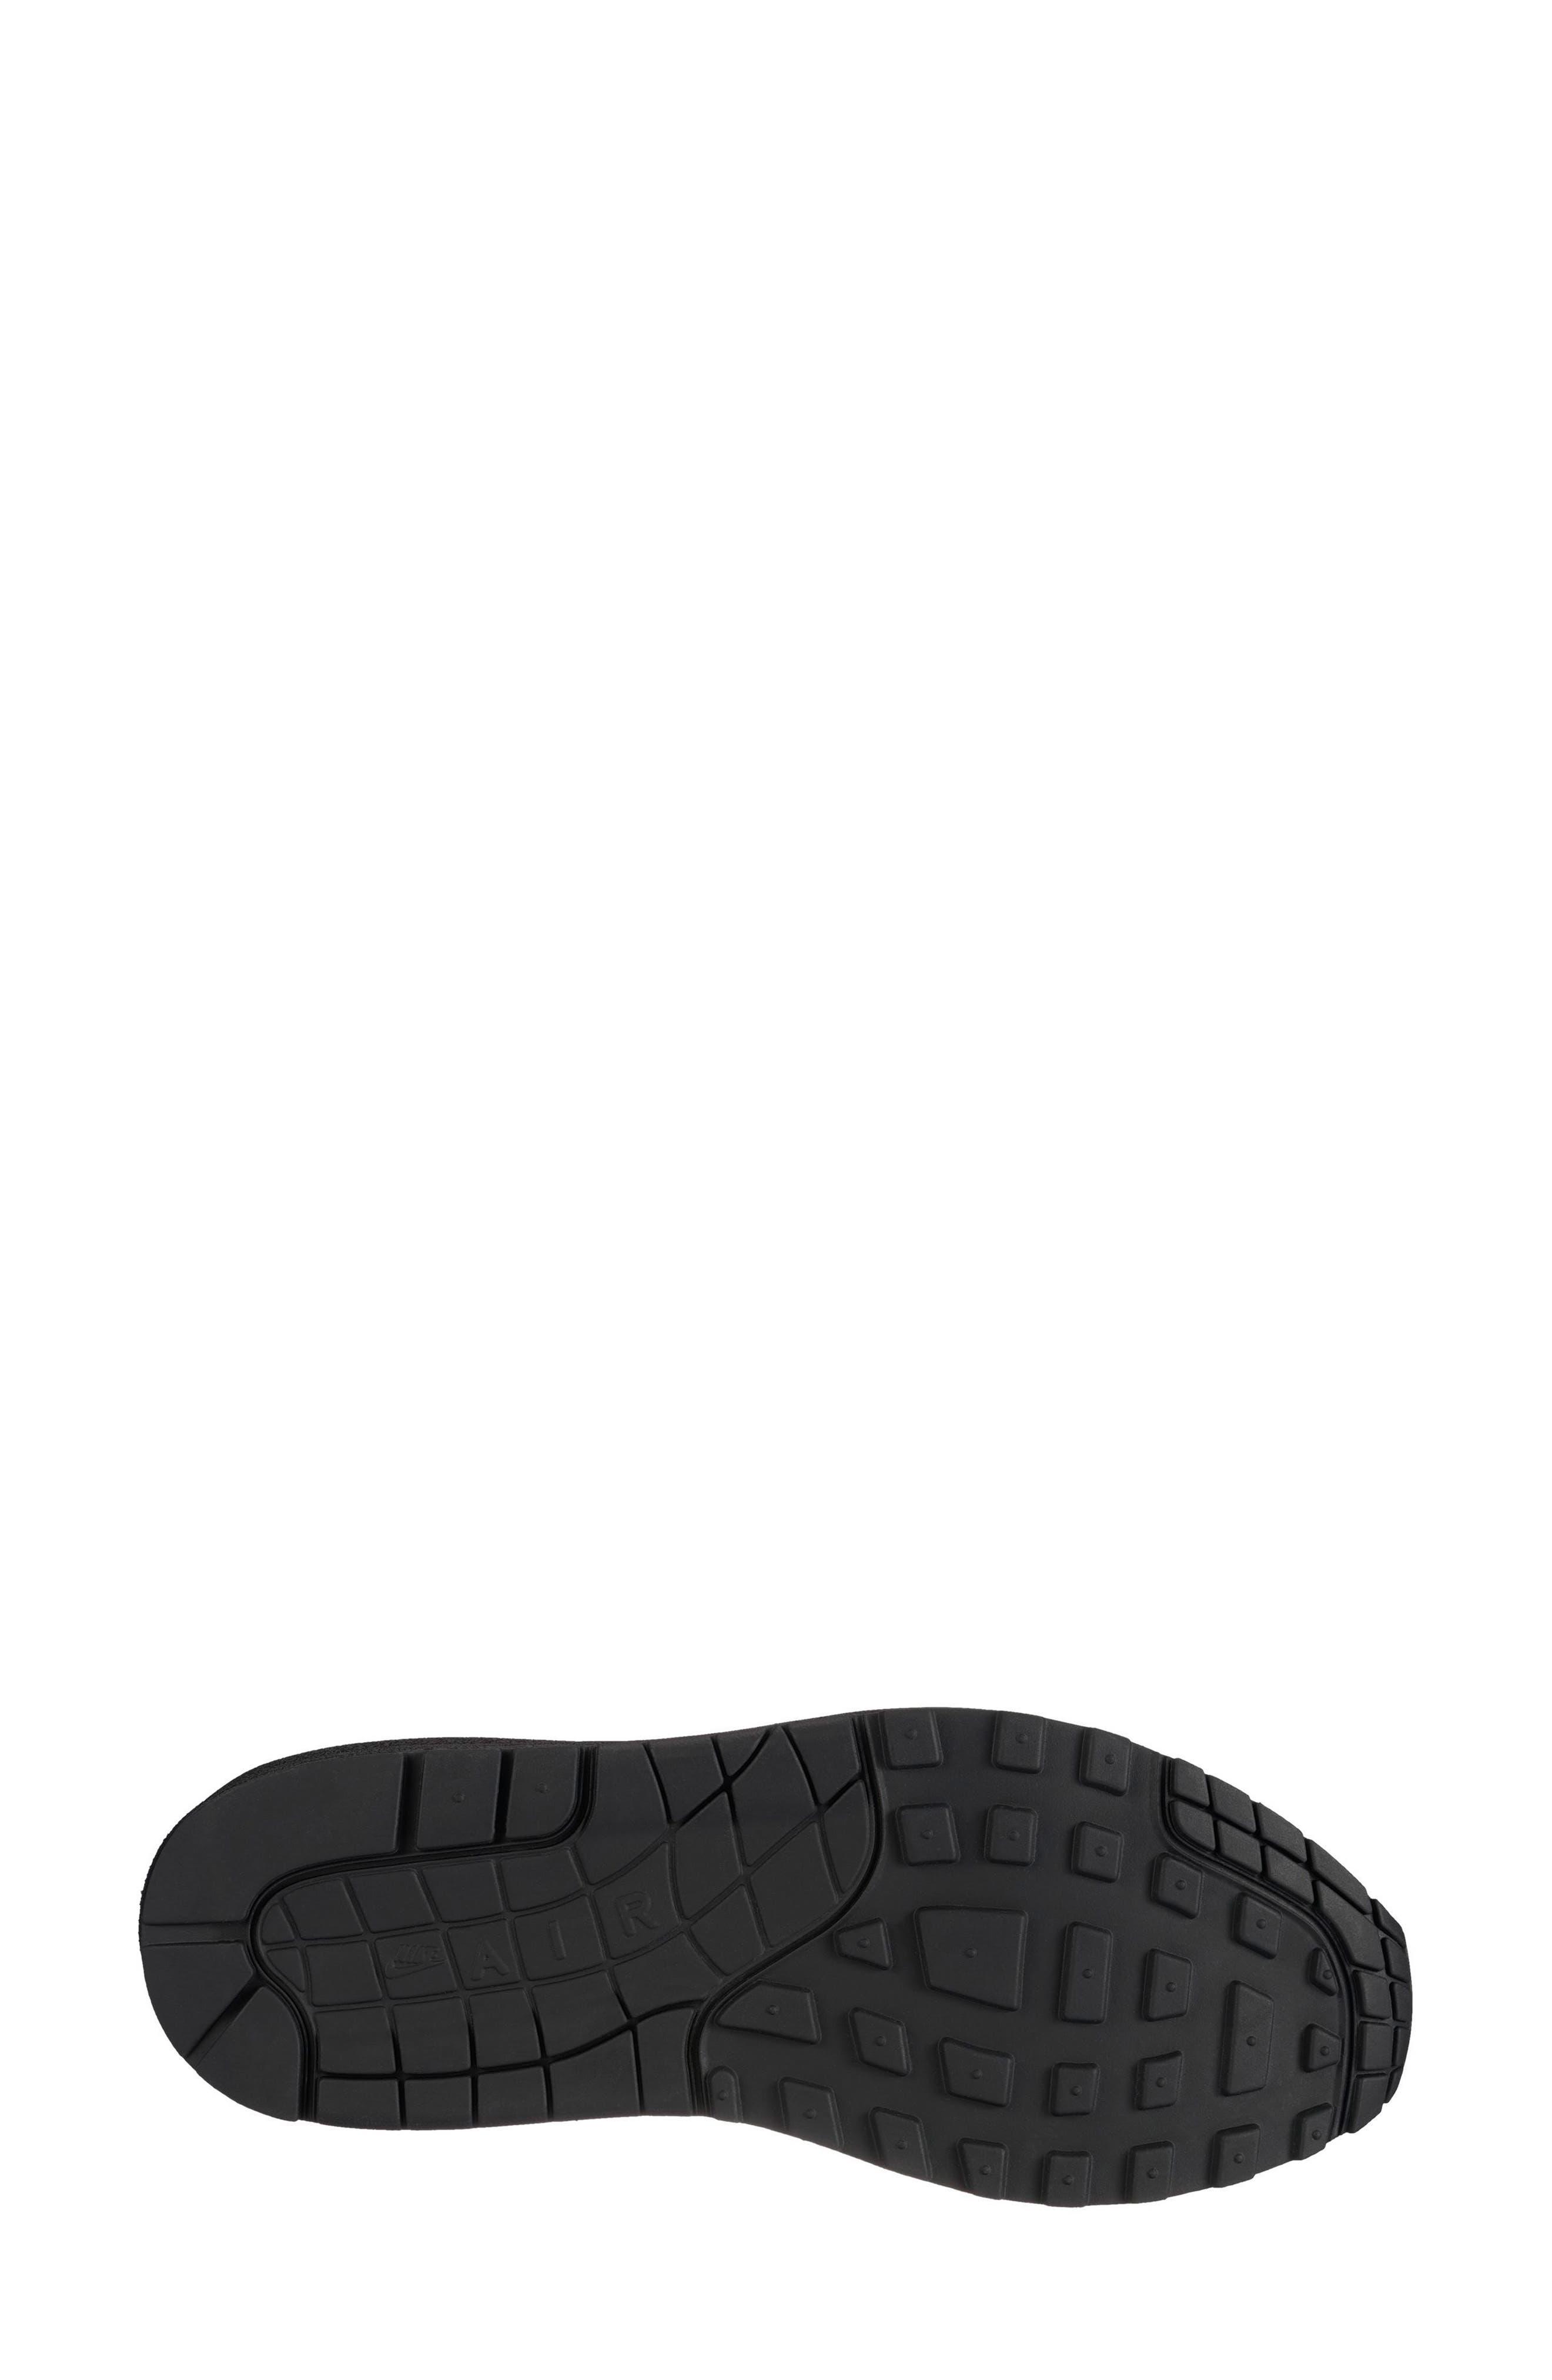 Air Max 1 Premium SC Sneaker,                             Alternate thumbnail 8, color,                             001